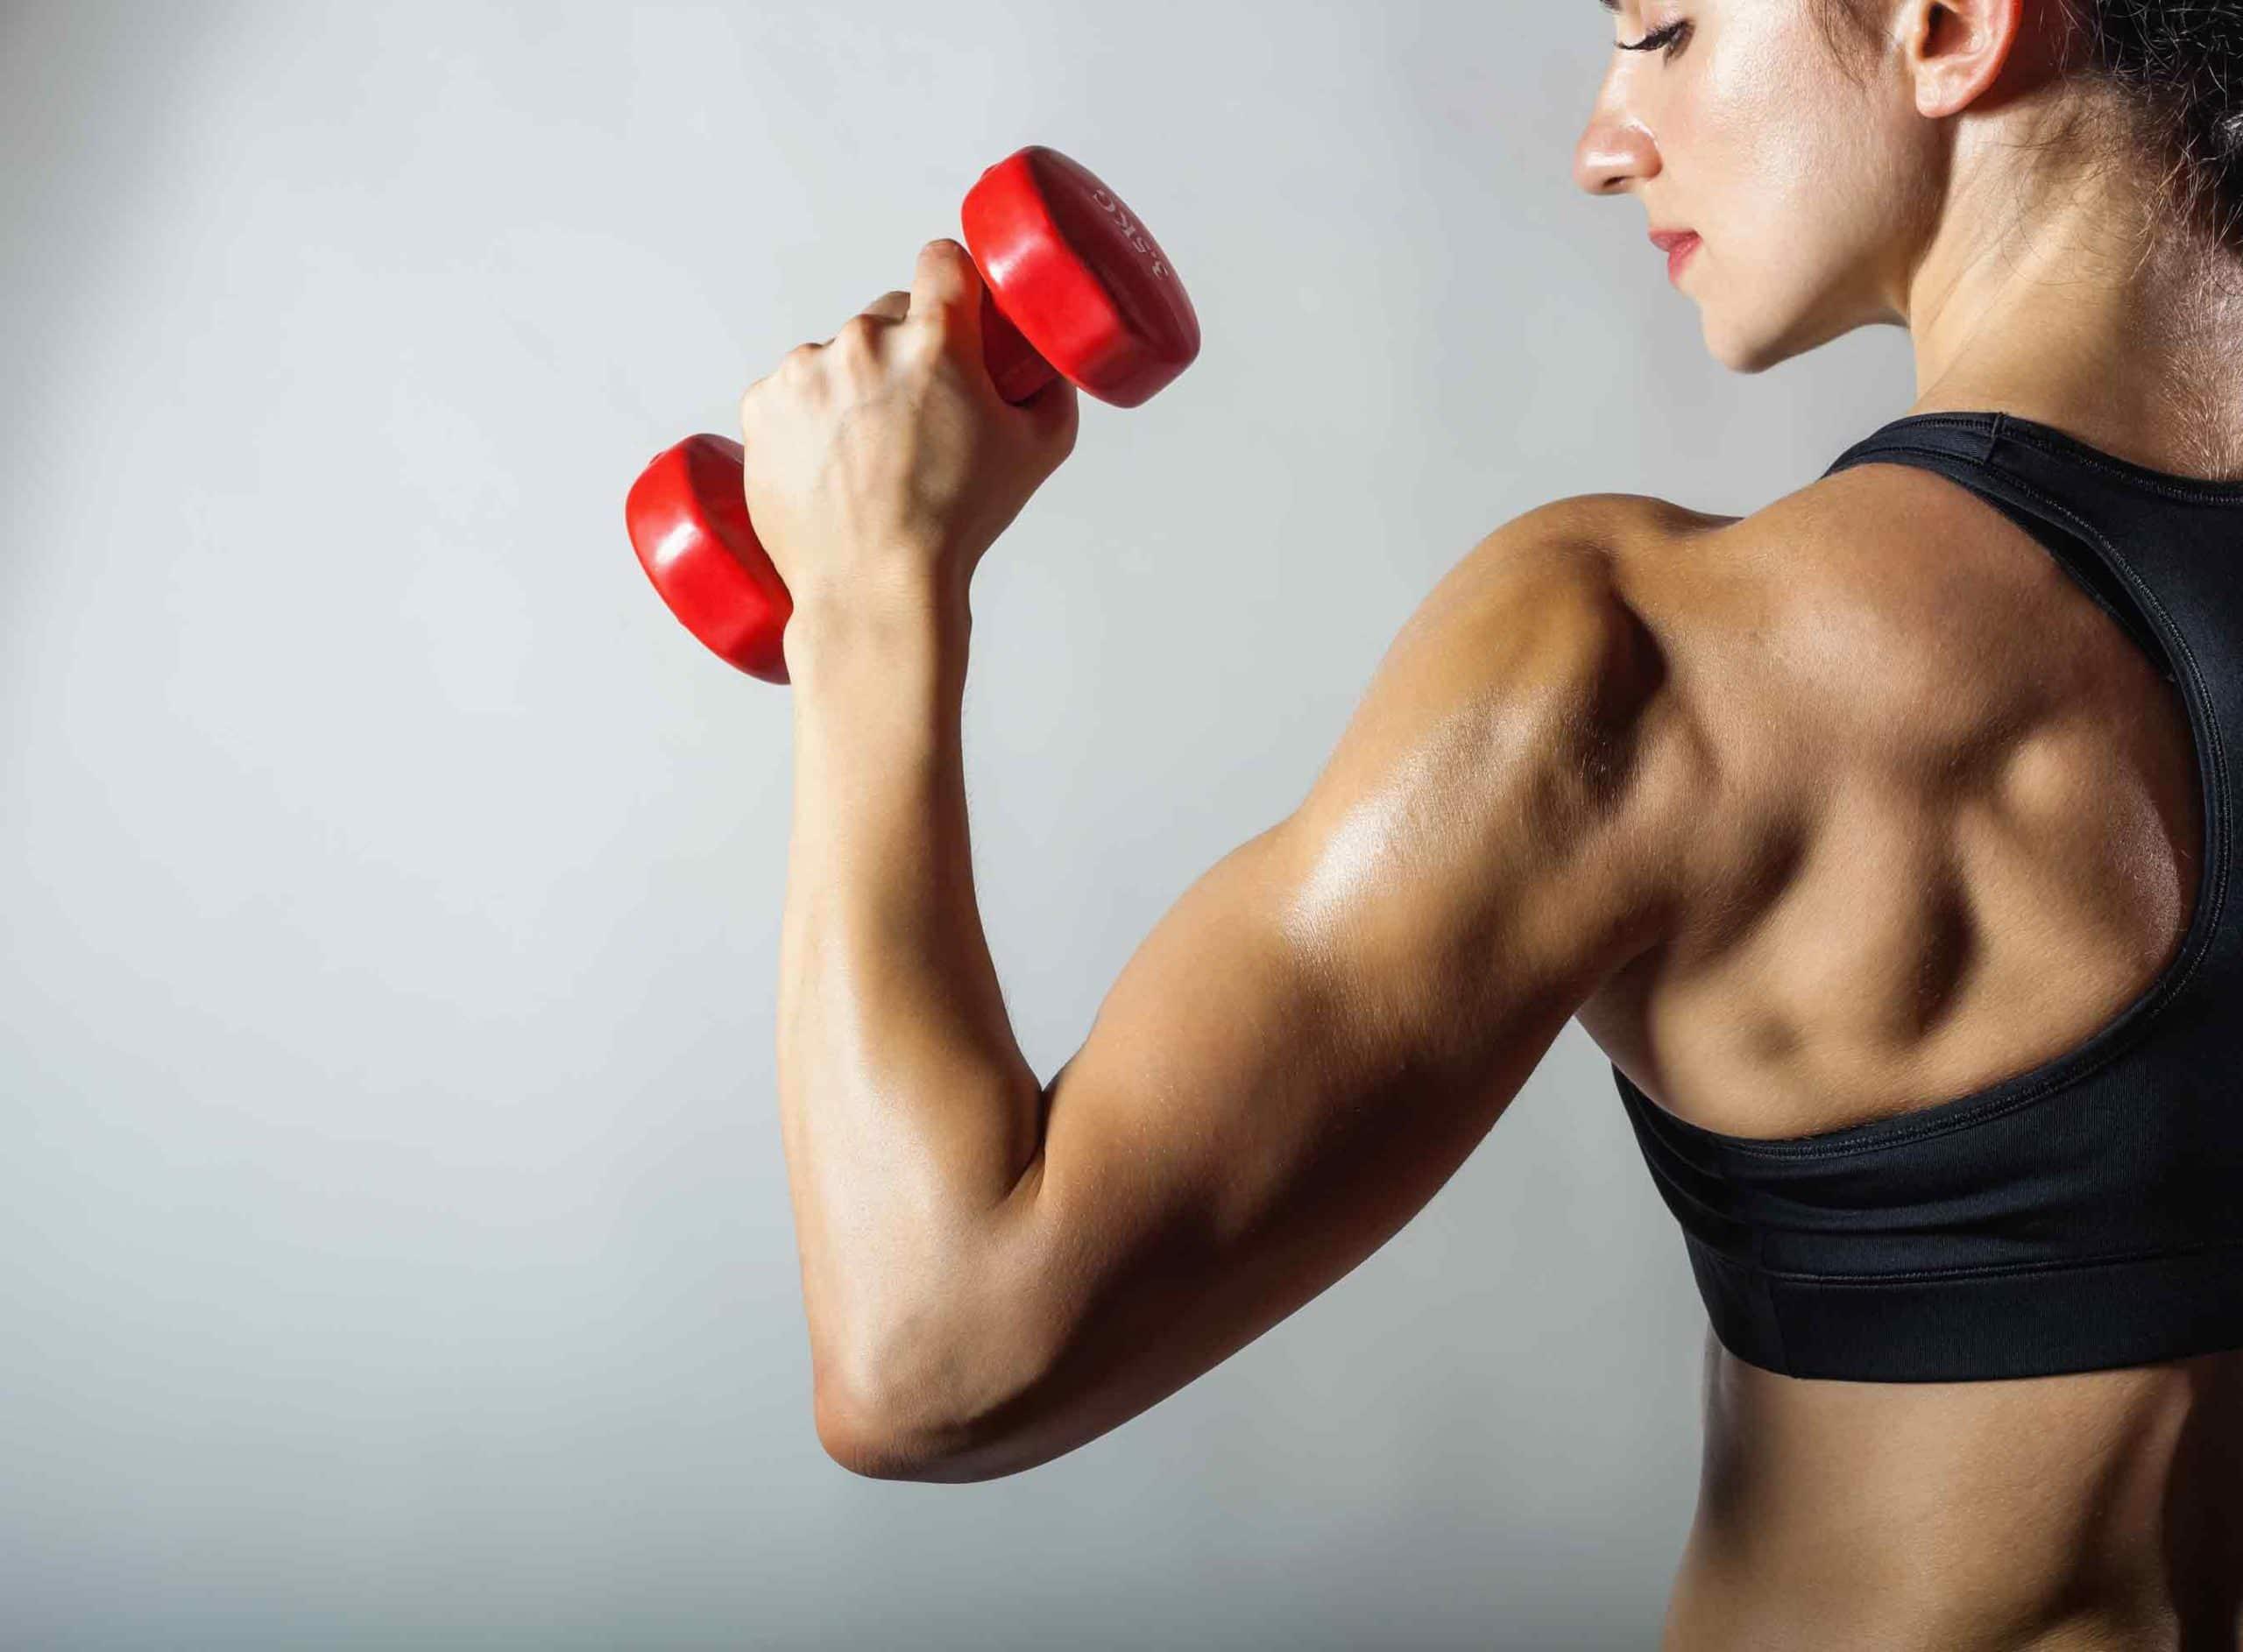 Colágeno para os músculos funciona.